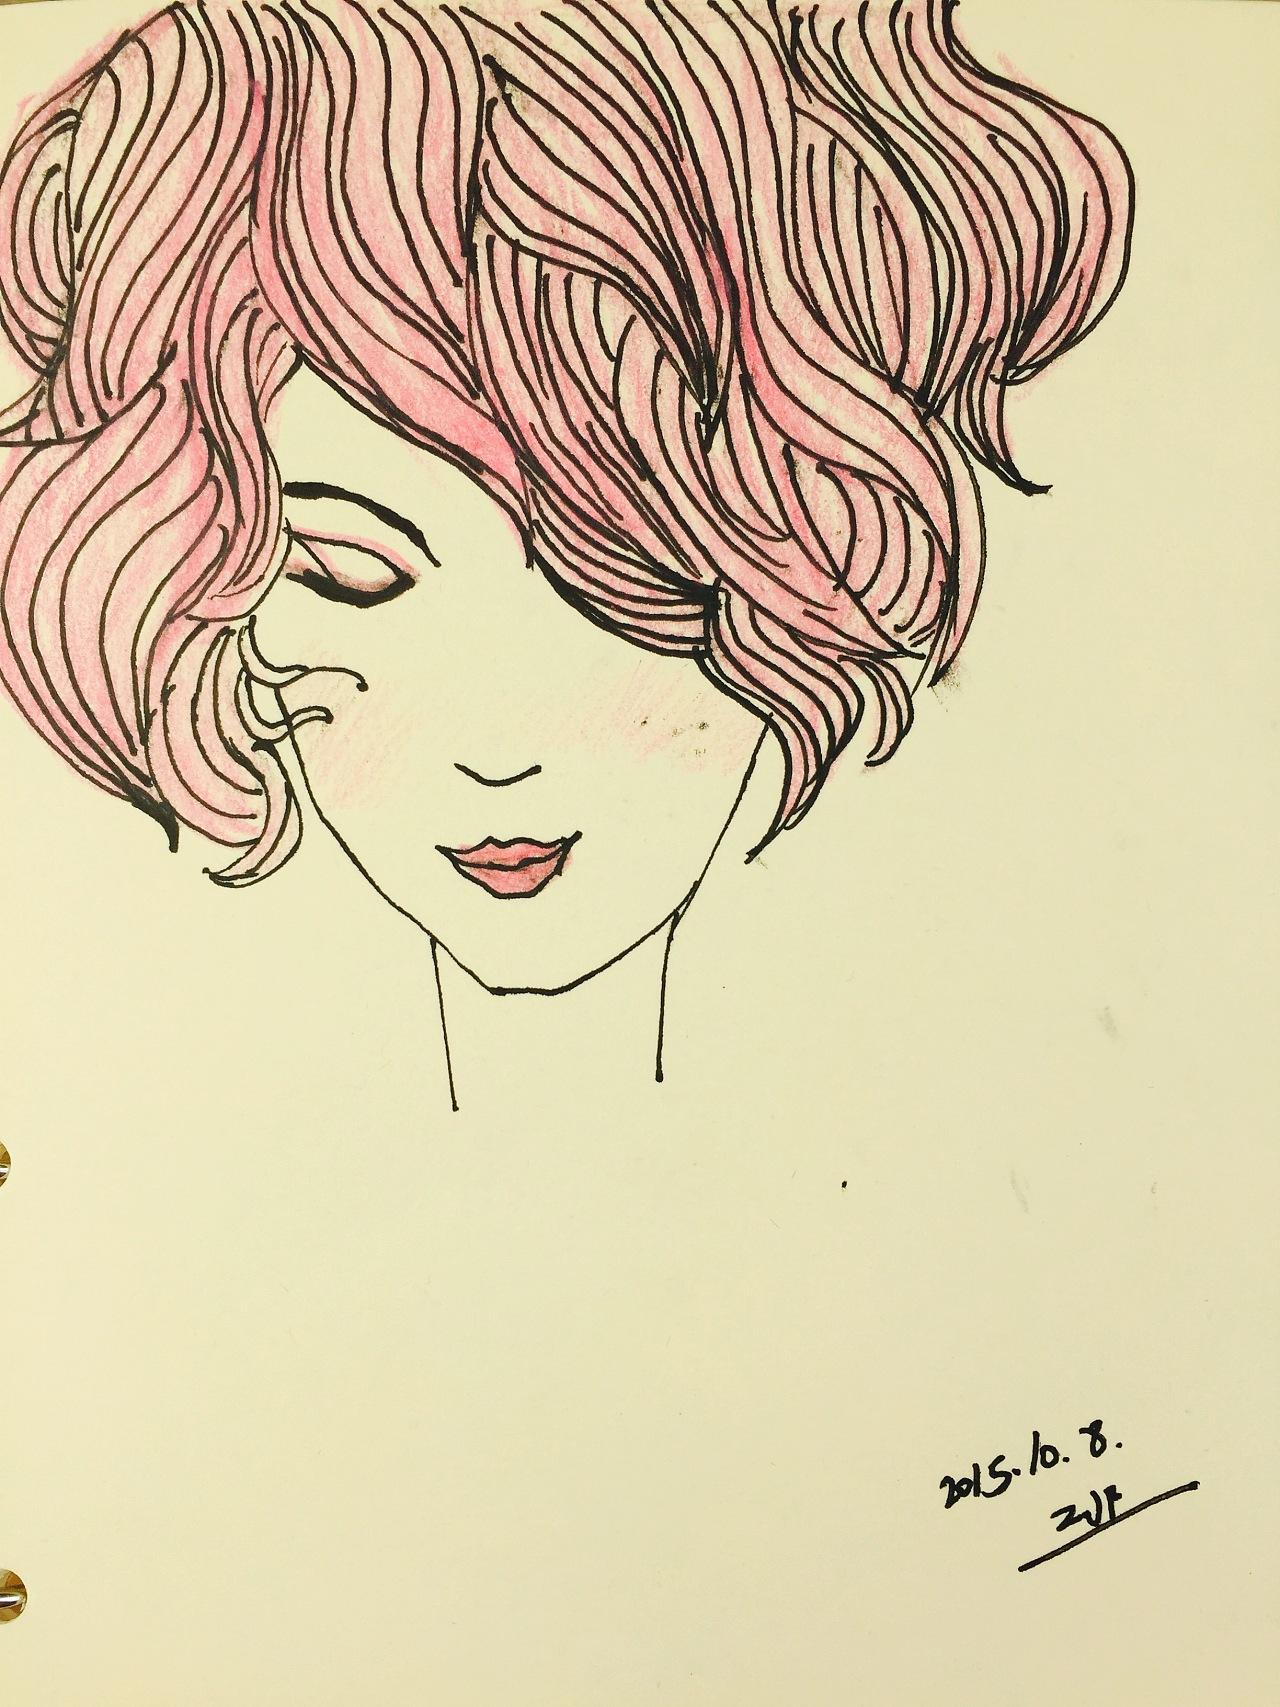 手绘粉红头发女孩儿